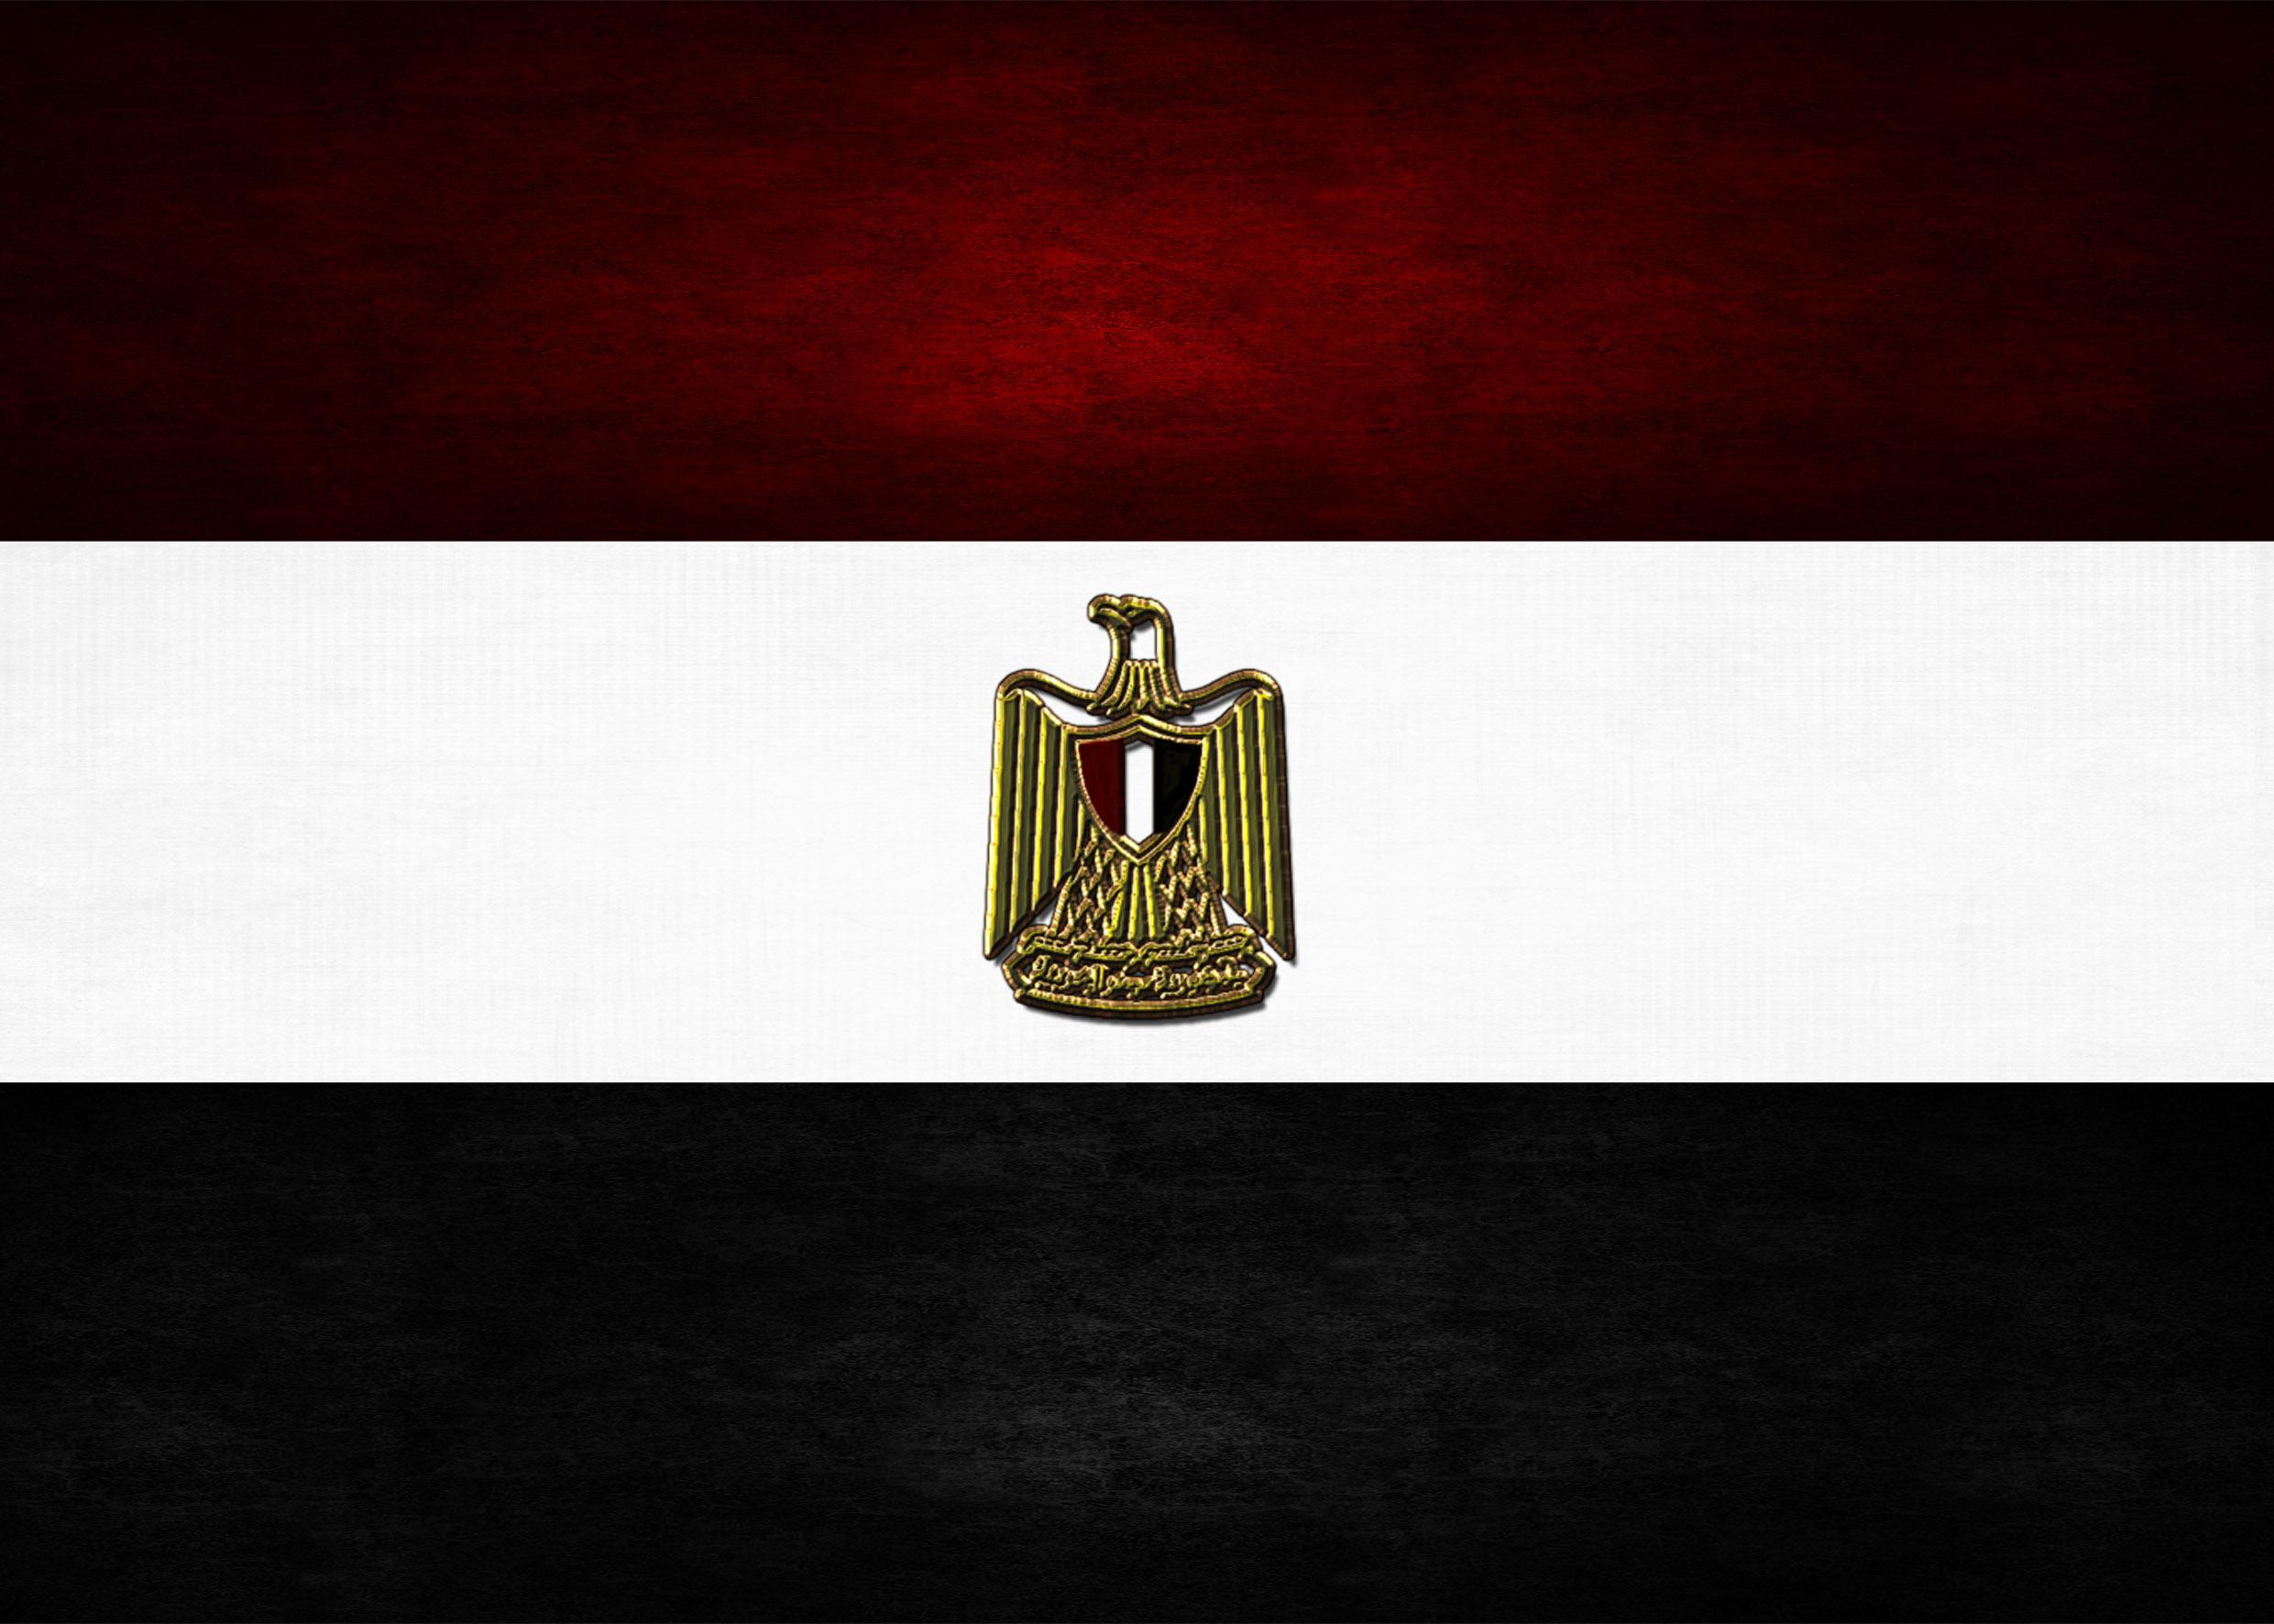 صور لعلم مصر احلي صور اعلام مصر  (1)